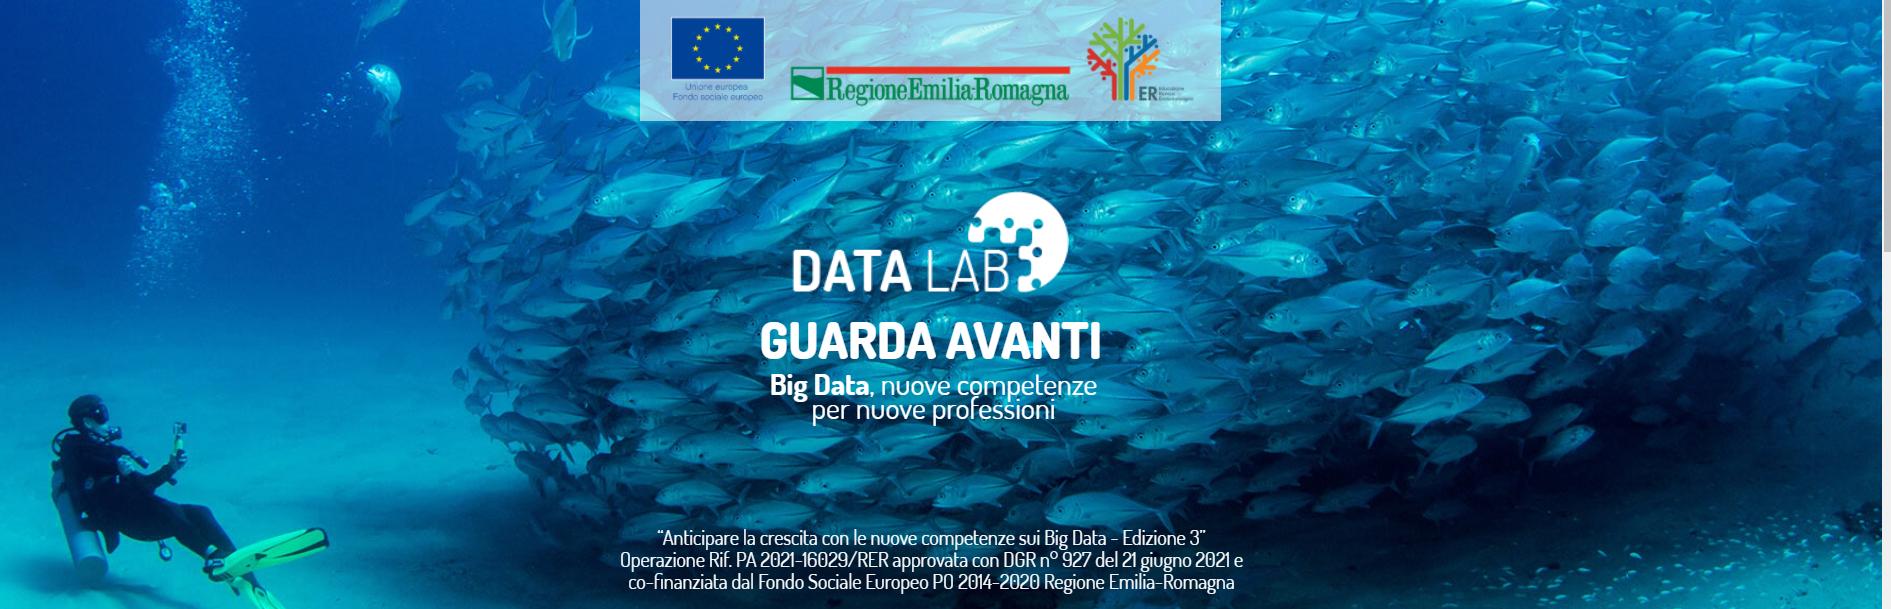 Banner-Data-Lab-3